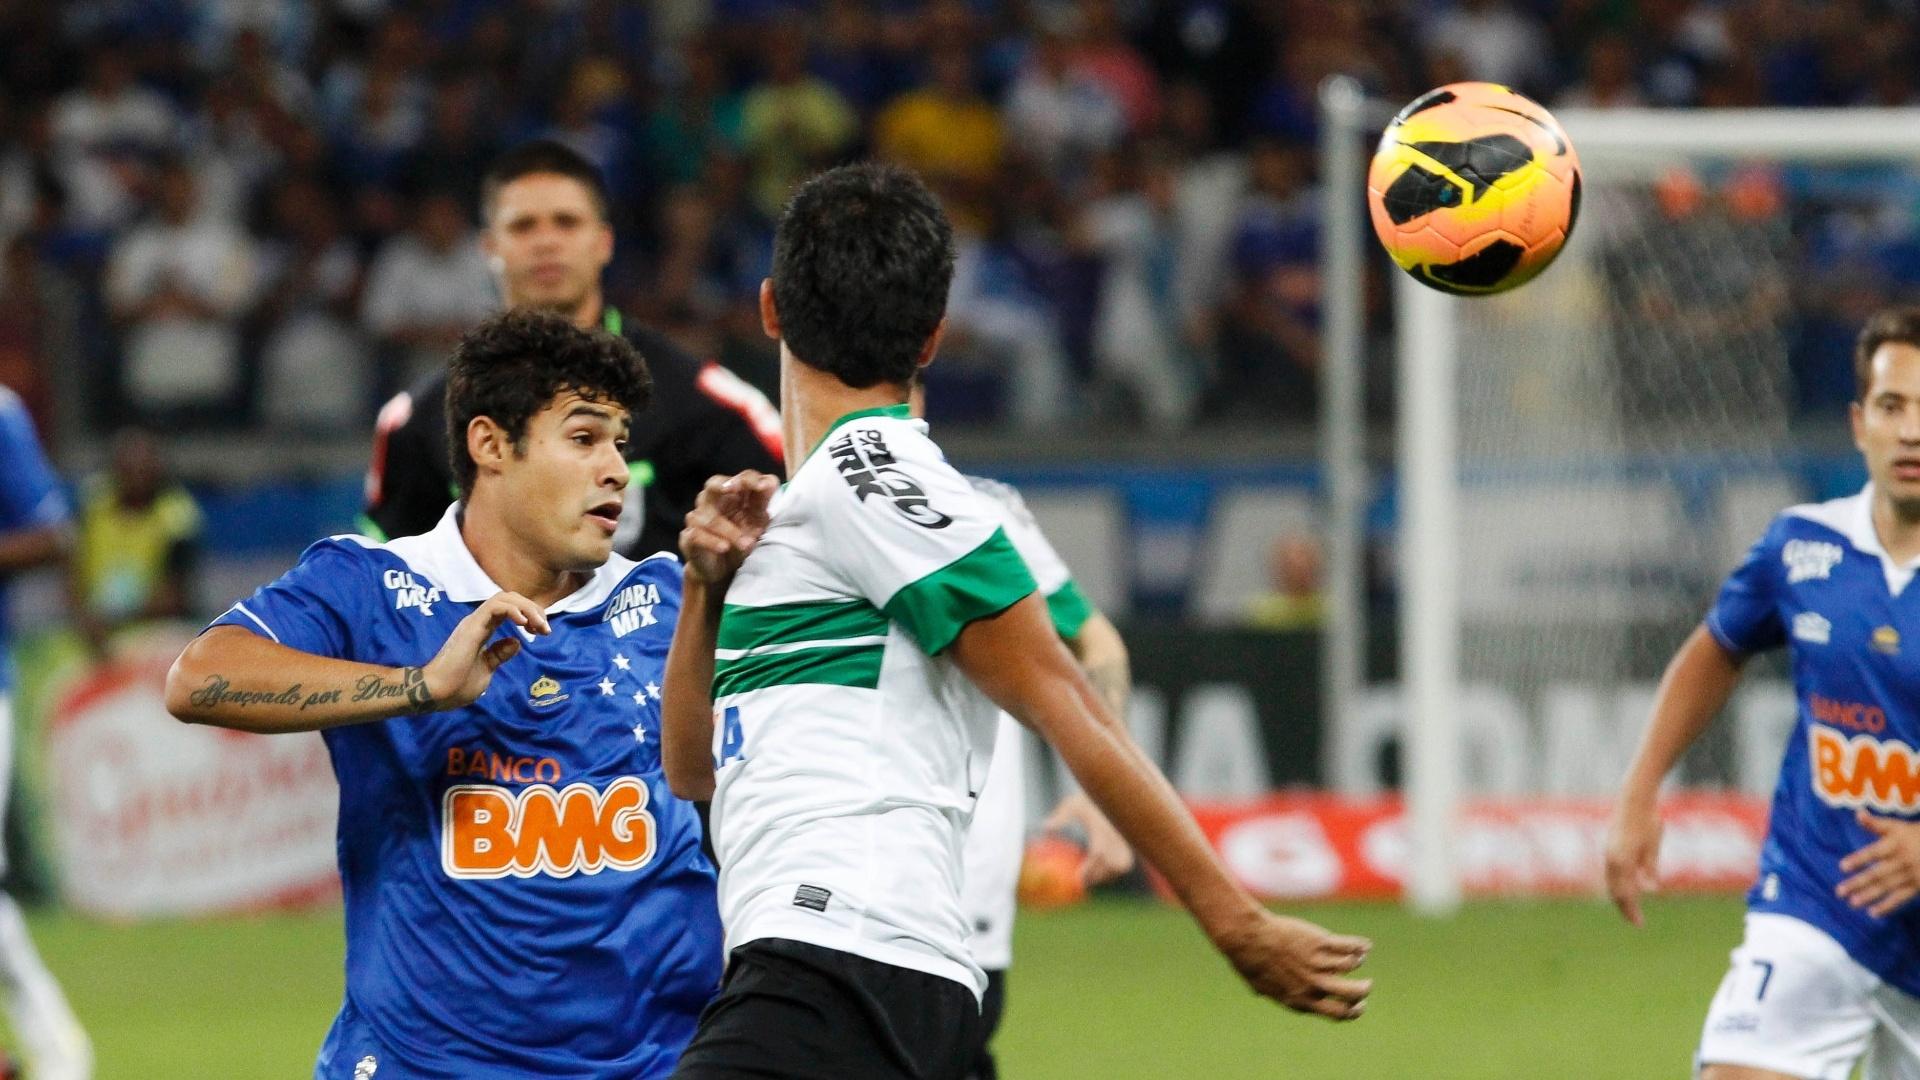 03.ago.2013 - Vinicius Araujo, do Cruzeiro, disputa a bola com jogador do Coritiba